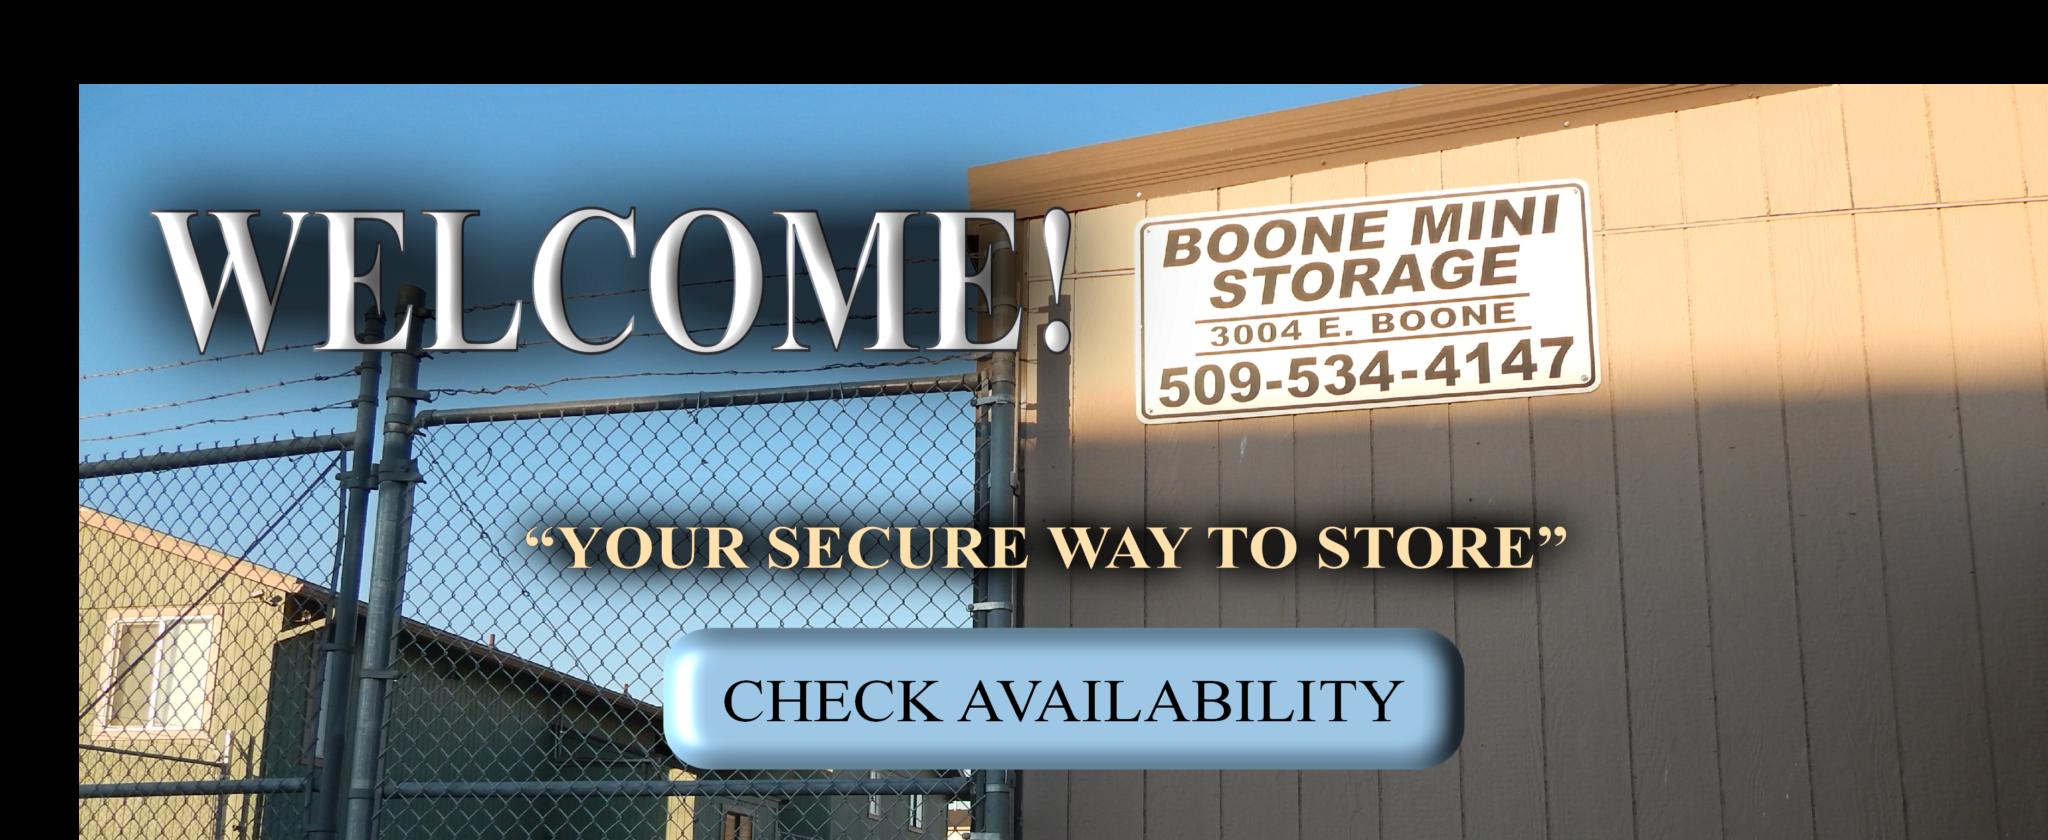 Boone Mini Storage image 1